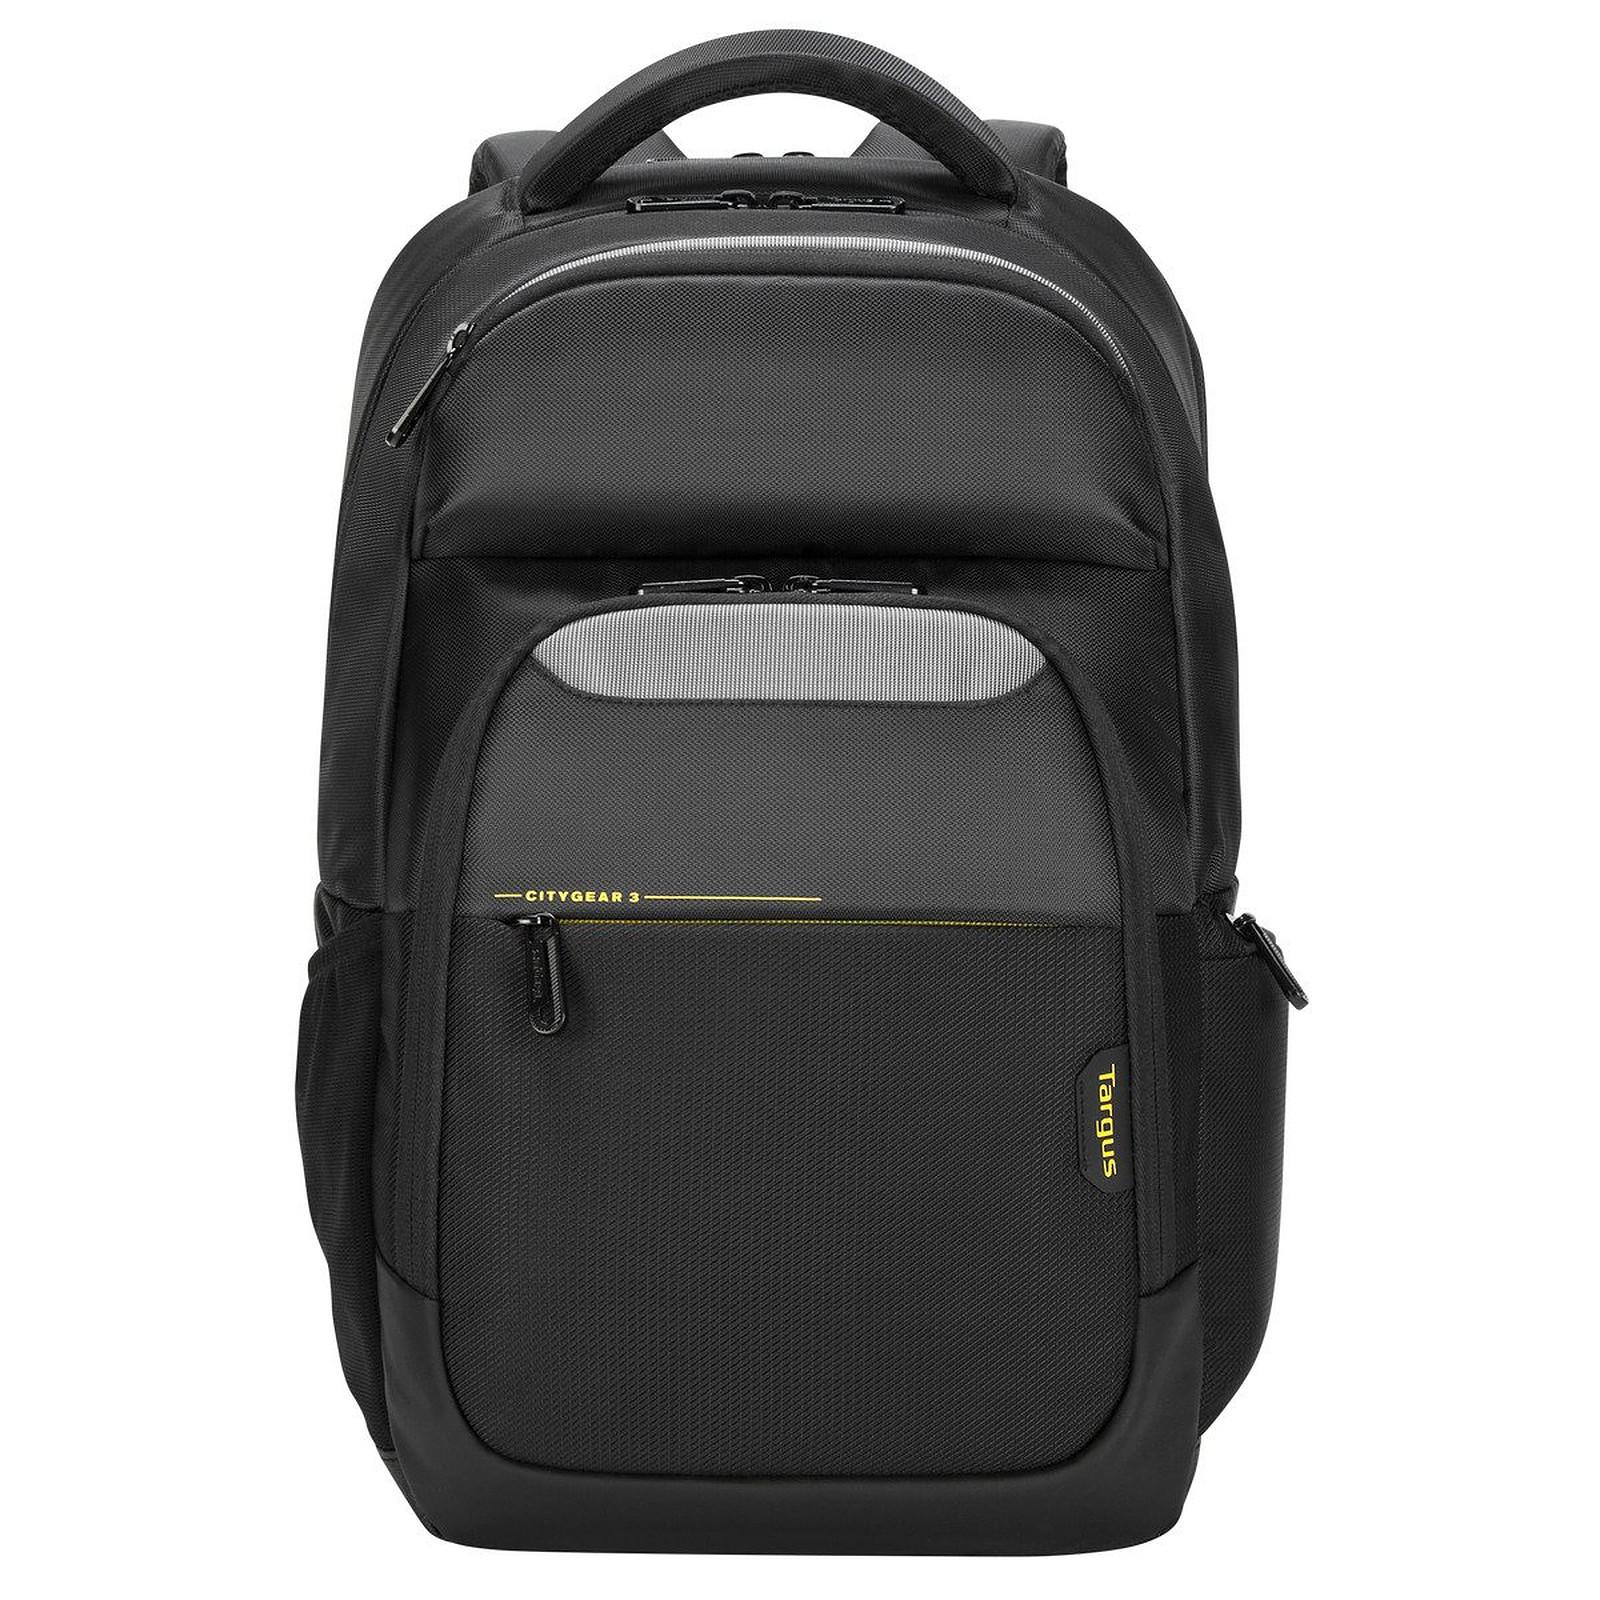 """Targus CityGear 3 Backpack 17.3"""" Noir"""